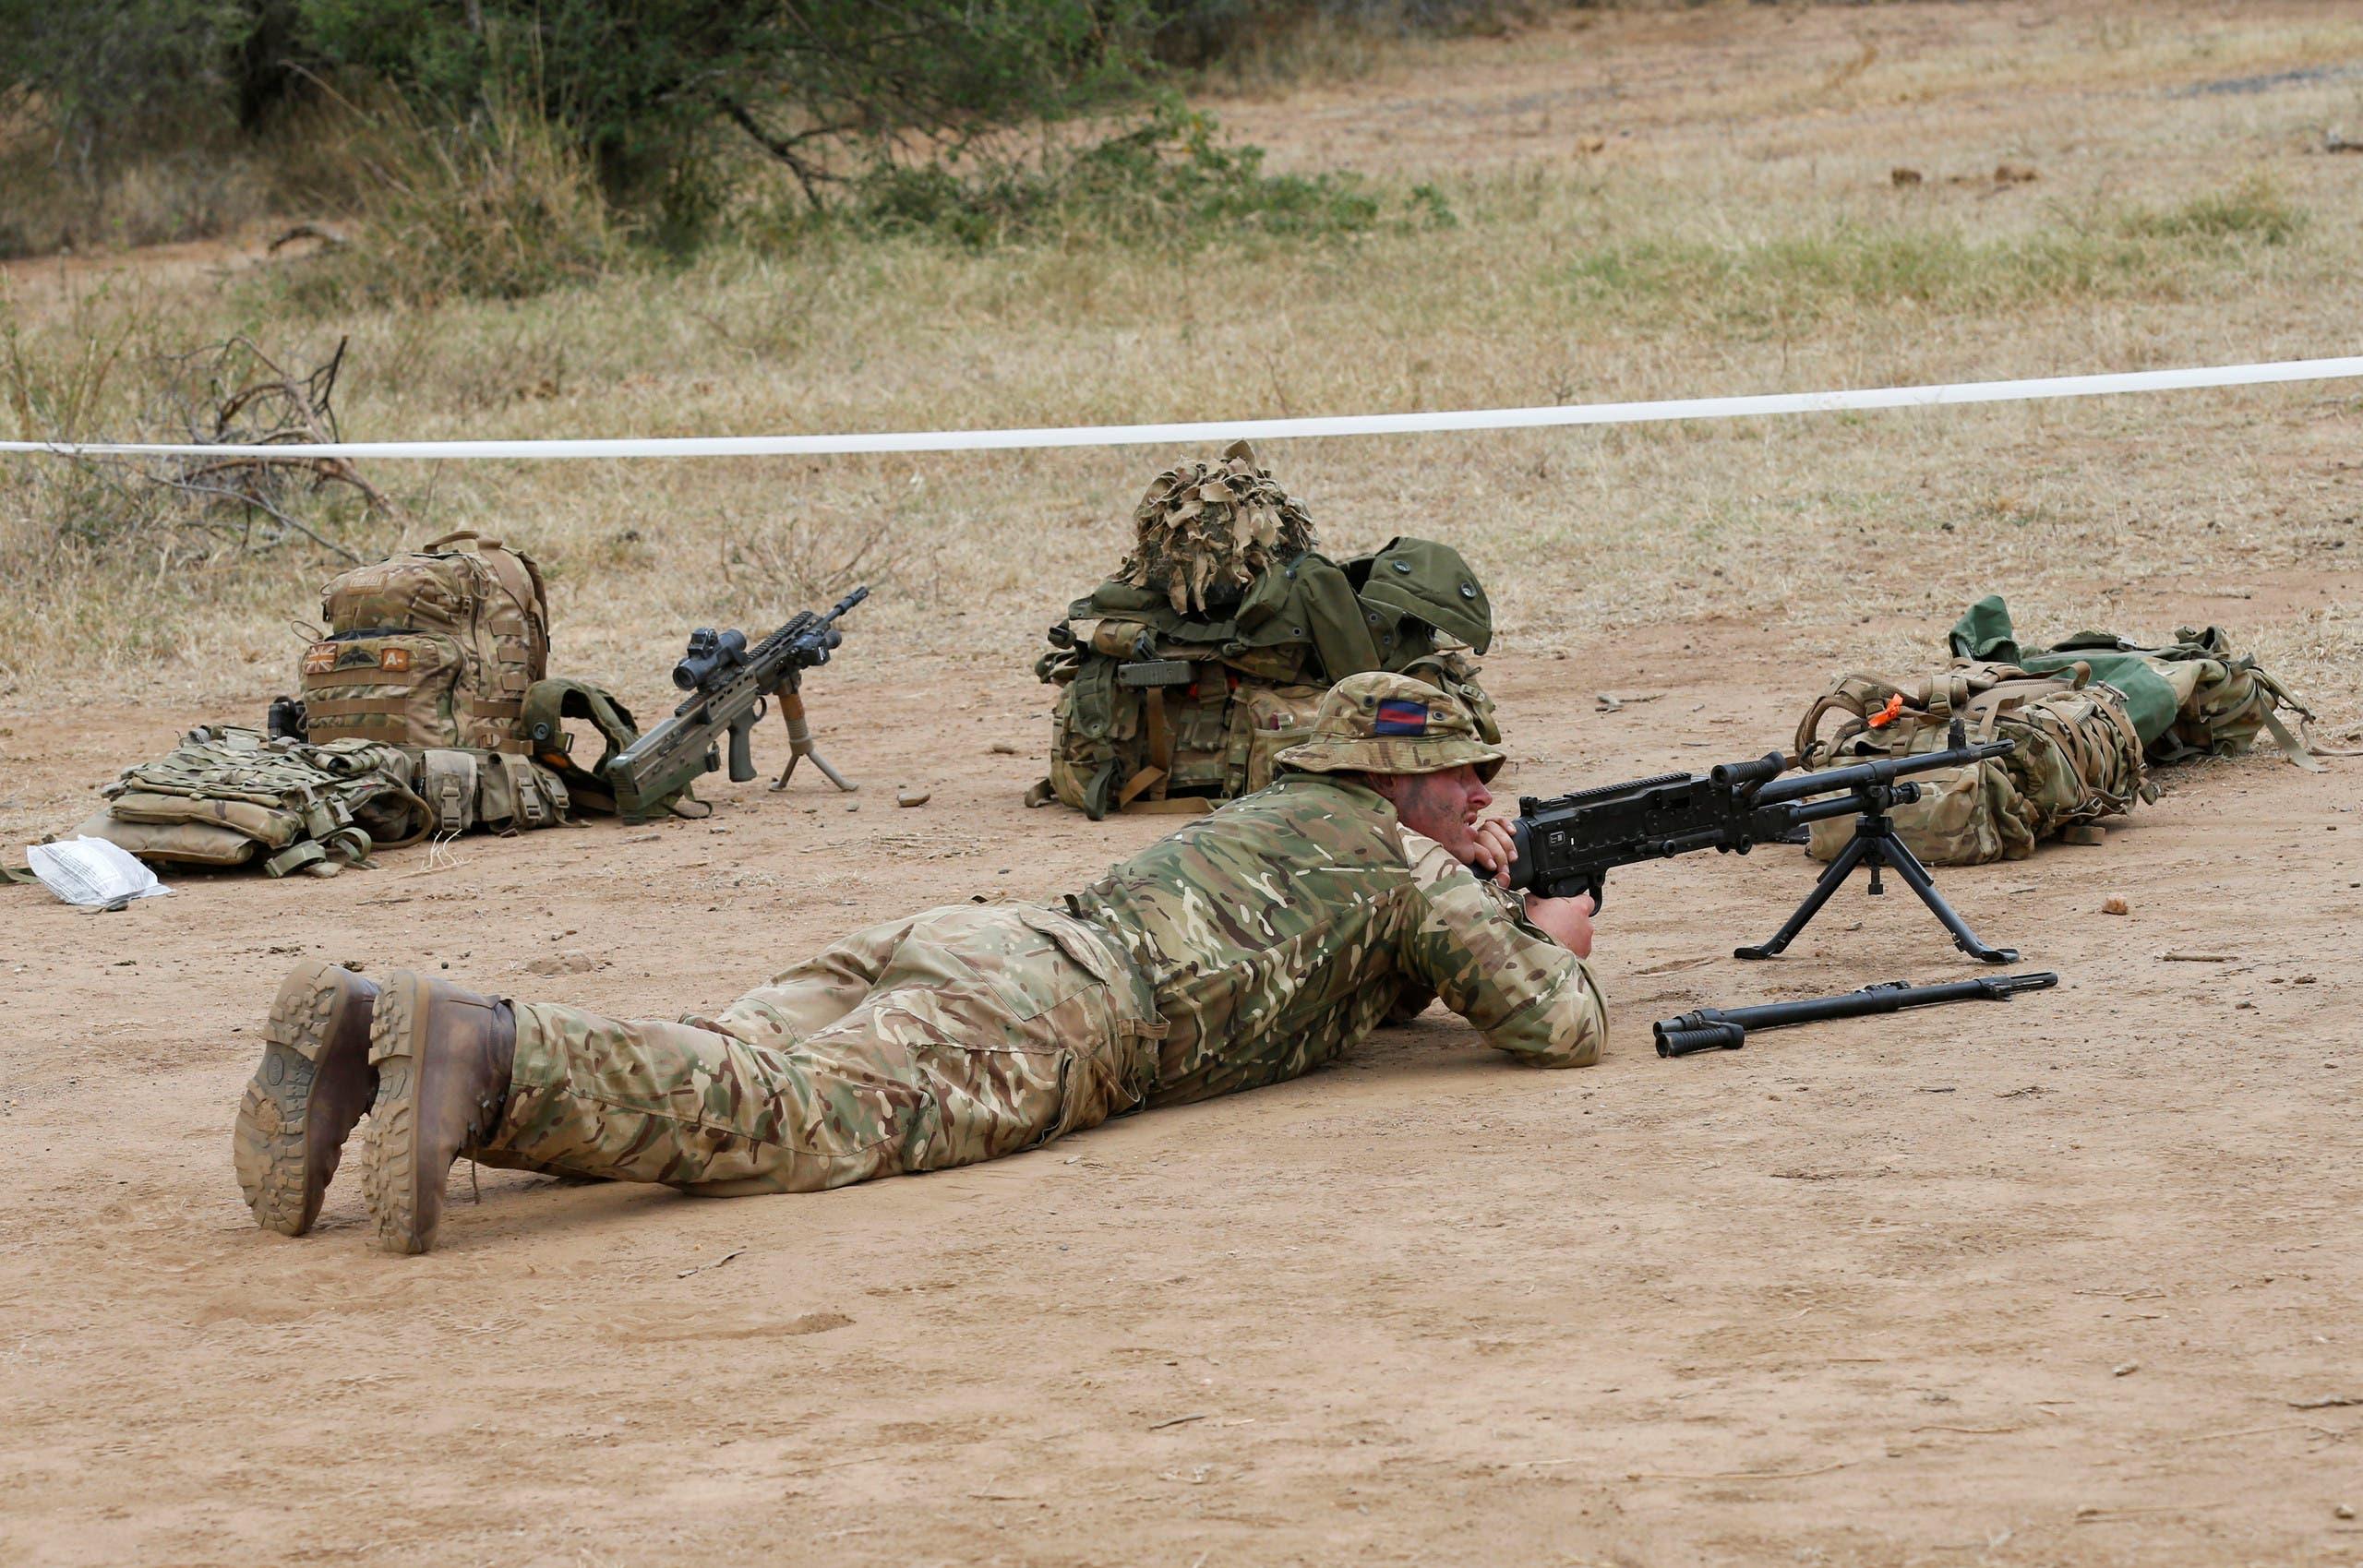 معسكر تمرين للجيش البريطاني في كينيا (أرشيفية)